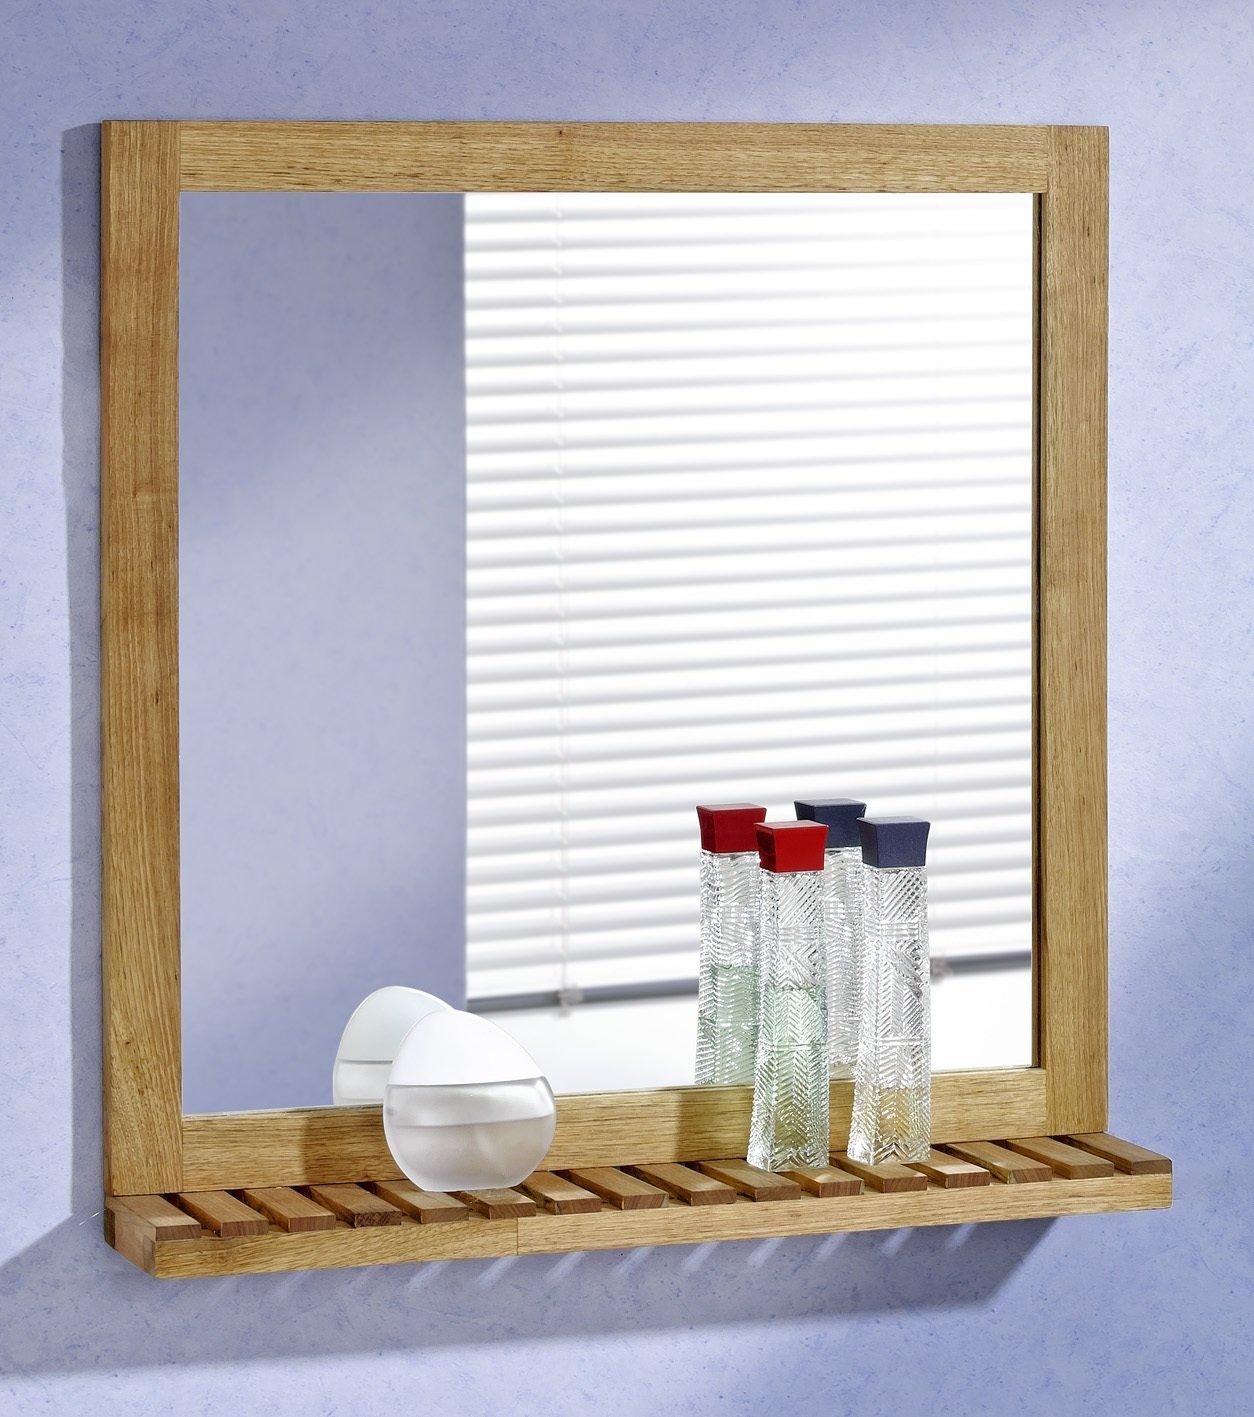 Waschbeckenunterschrank Walnuss Holz Badezimmer Schrank ... Badezimmerschrank Waschbecken